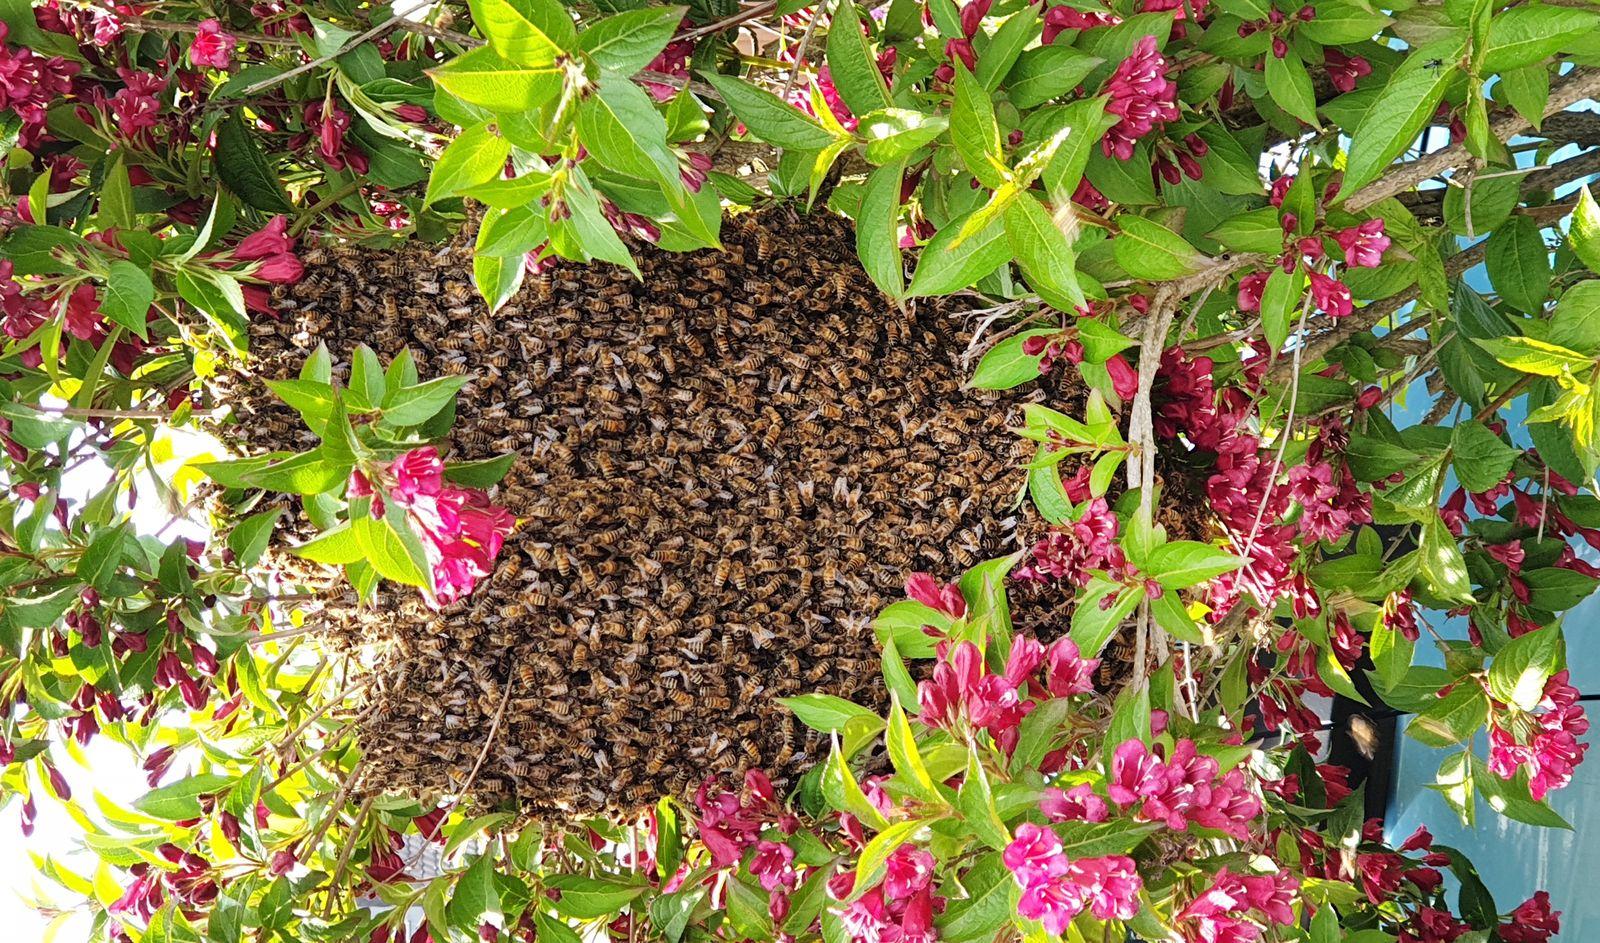 Bienenschwarm löste Polizeieinsatz aus